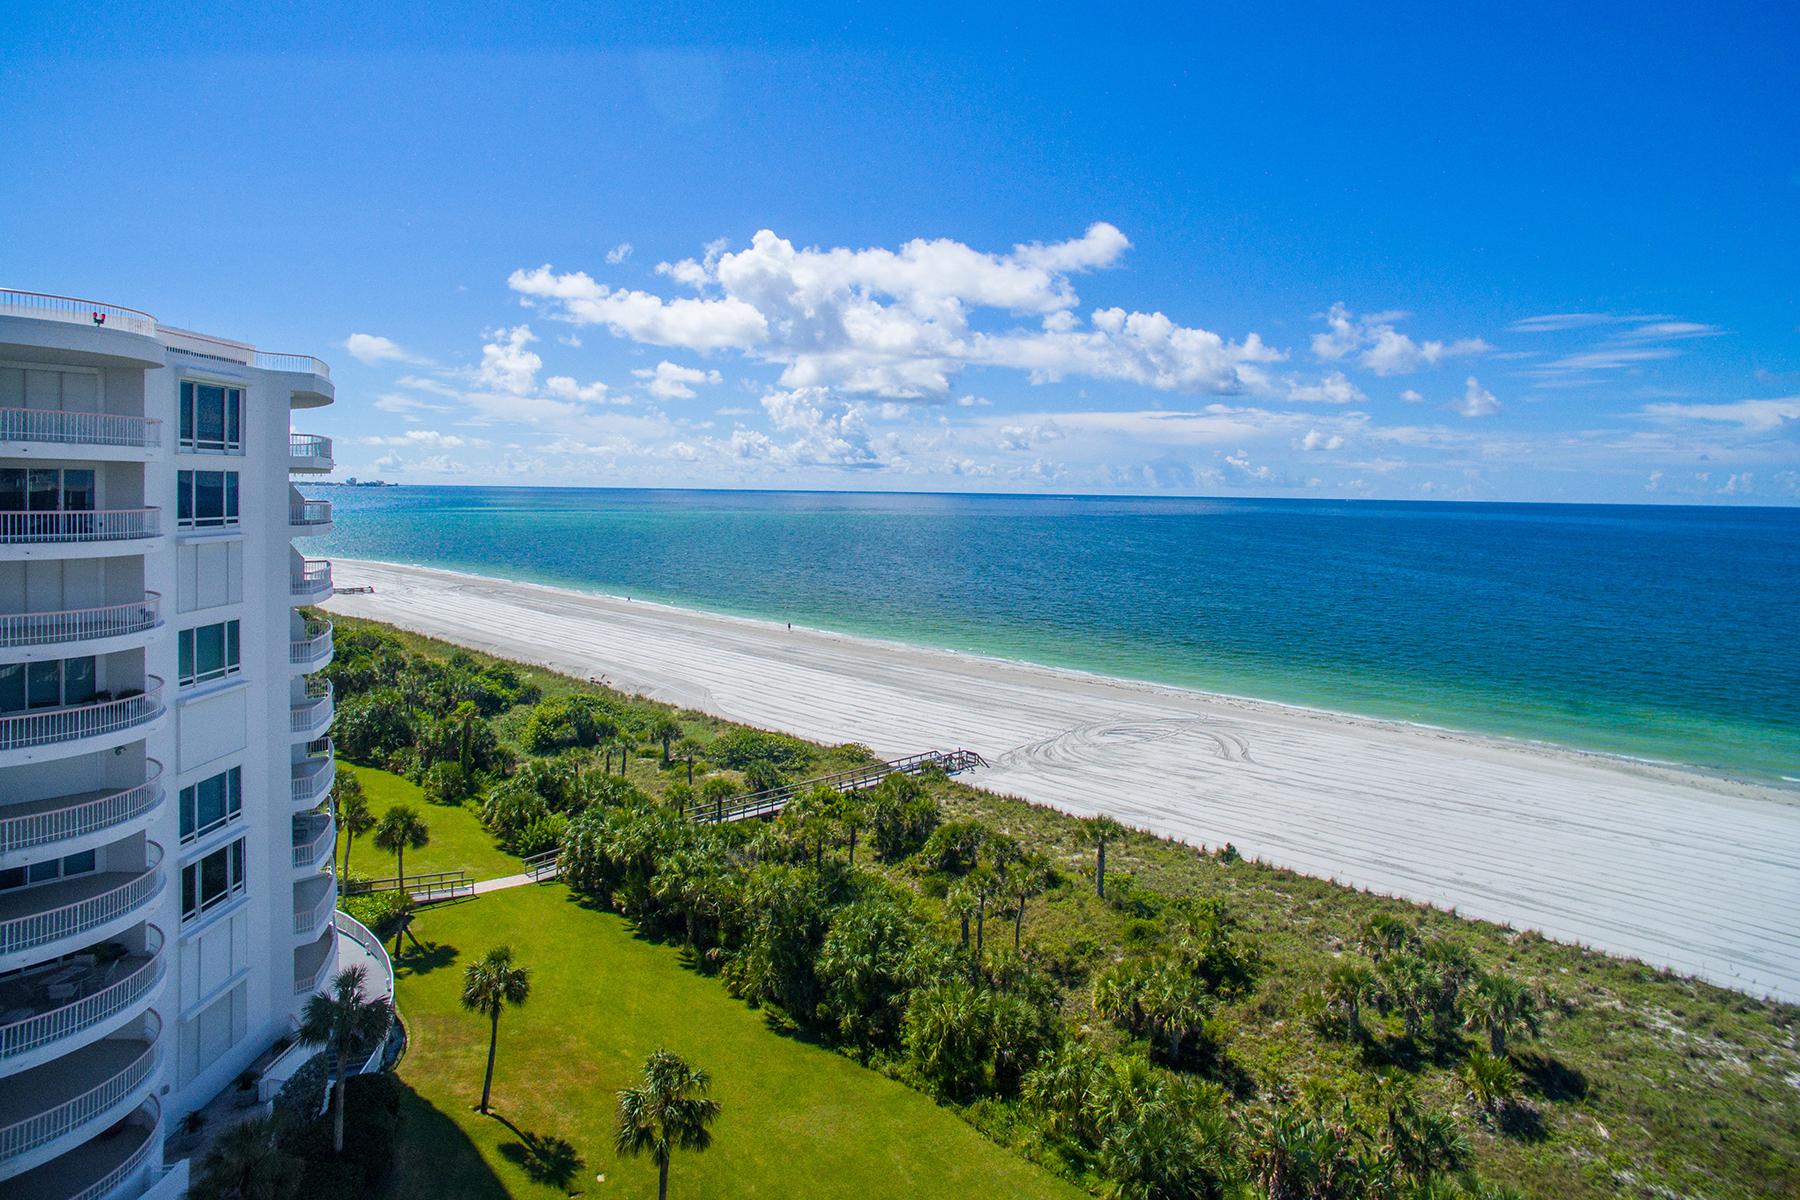 Condomínio para Venda às PIERRE - LONGBOAT KEY 455 Longboat Club Rd PH 7 Longboat Key, Florida, 34228 Estados Unidos